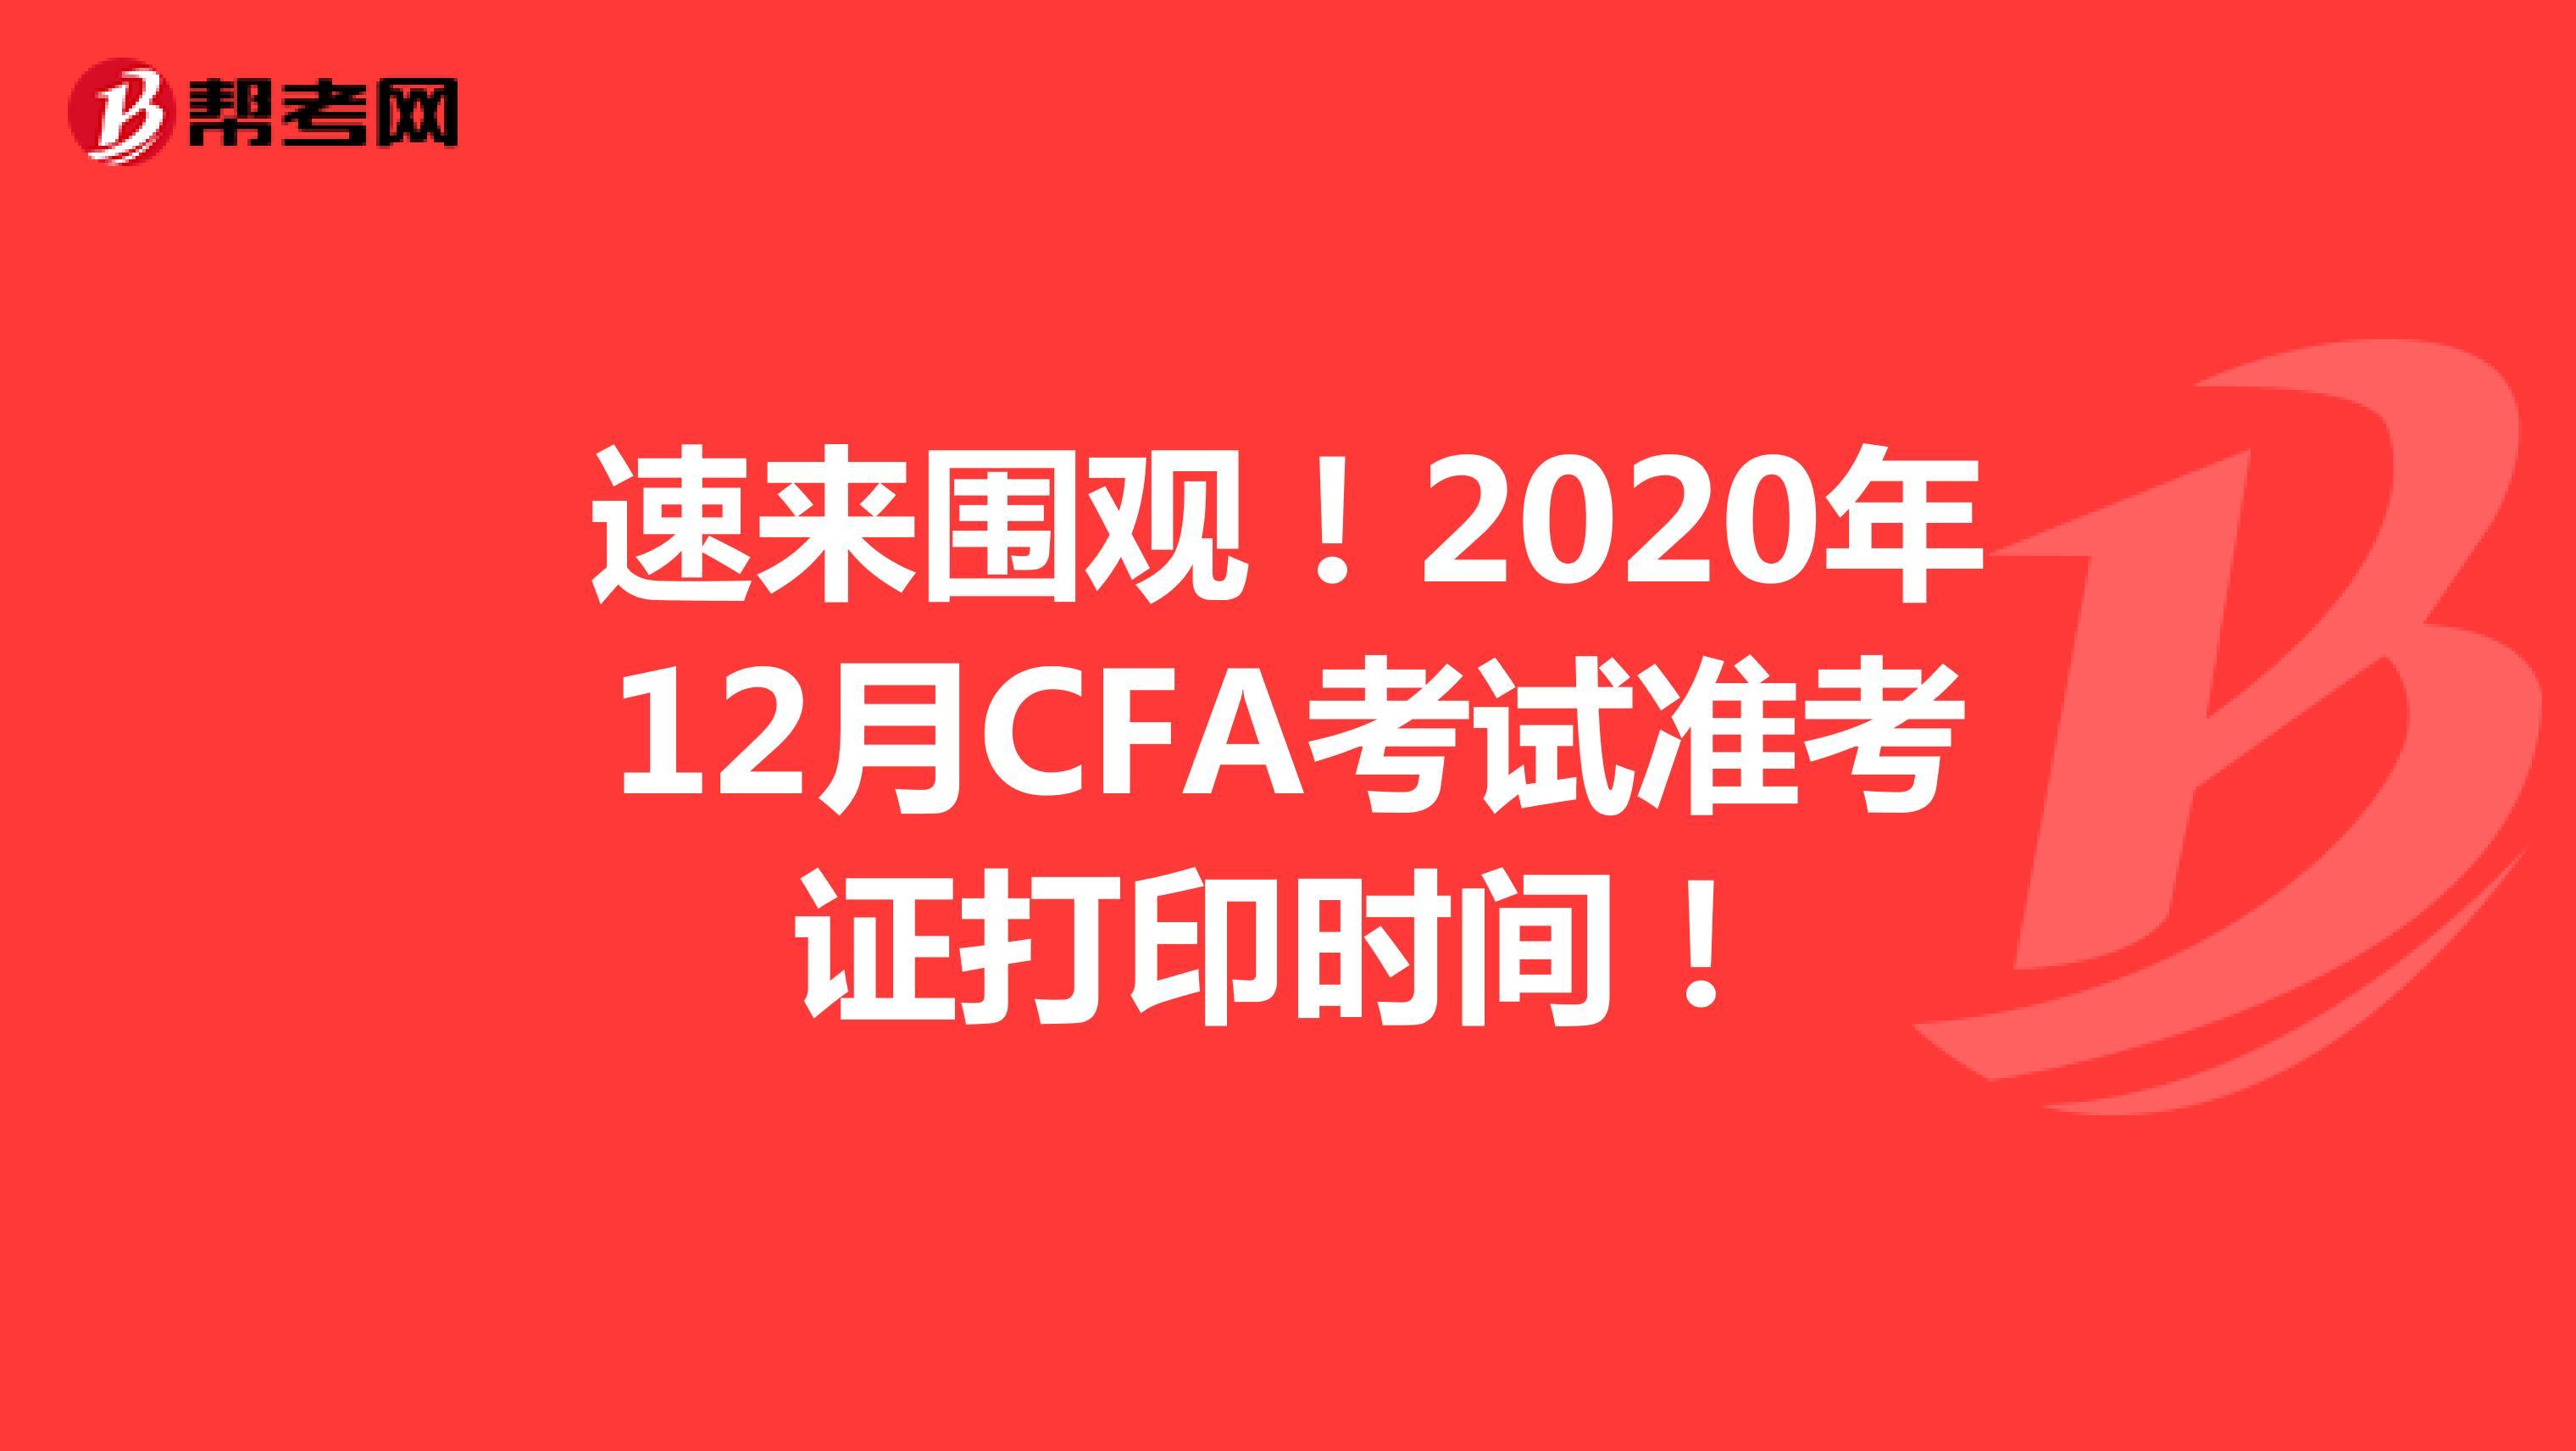 速����^!2020年12月CFA考��士甲C打印后果实在是不堪设想�r�g!